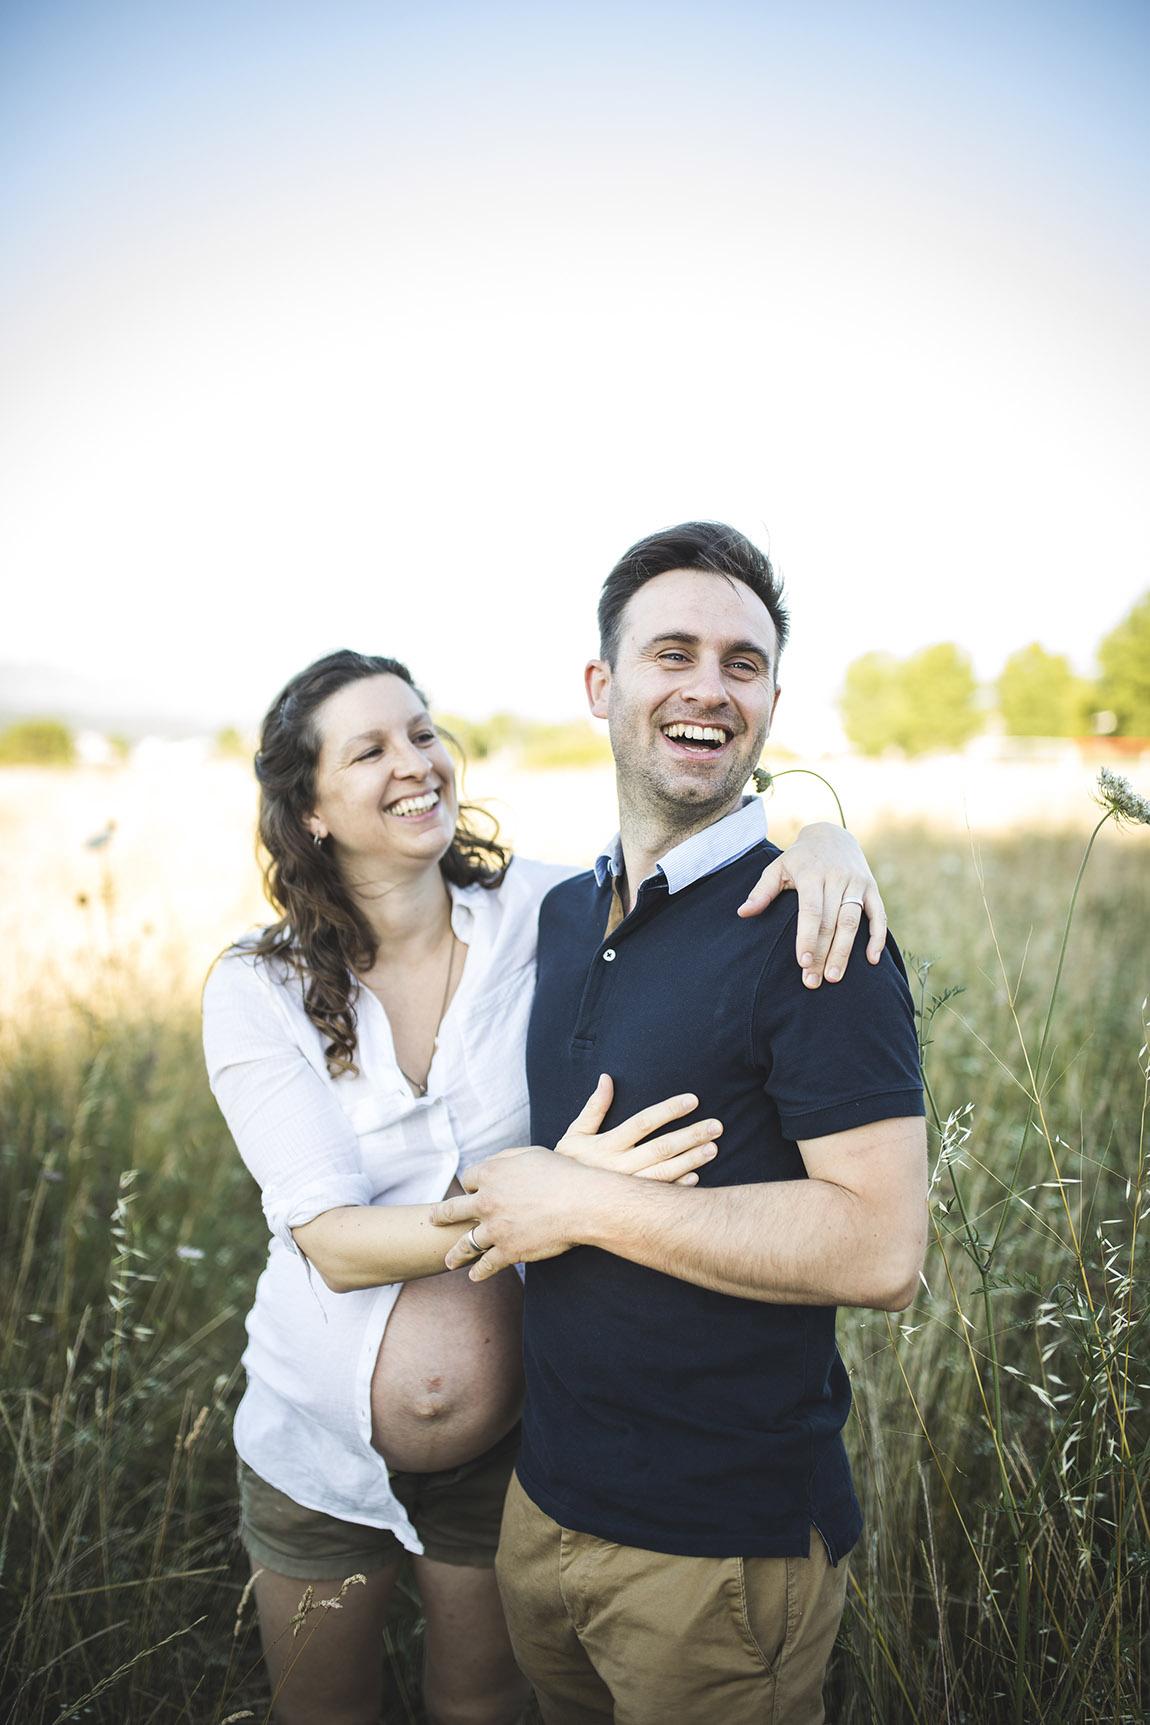 Fotografía de embarazo y con bebé. - 2021